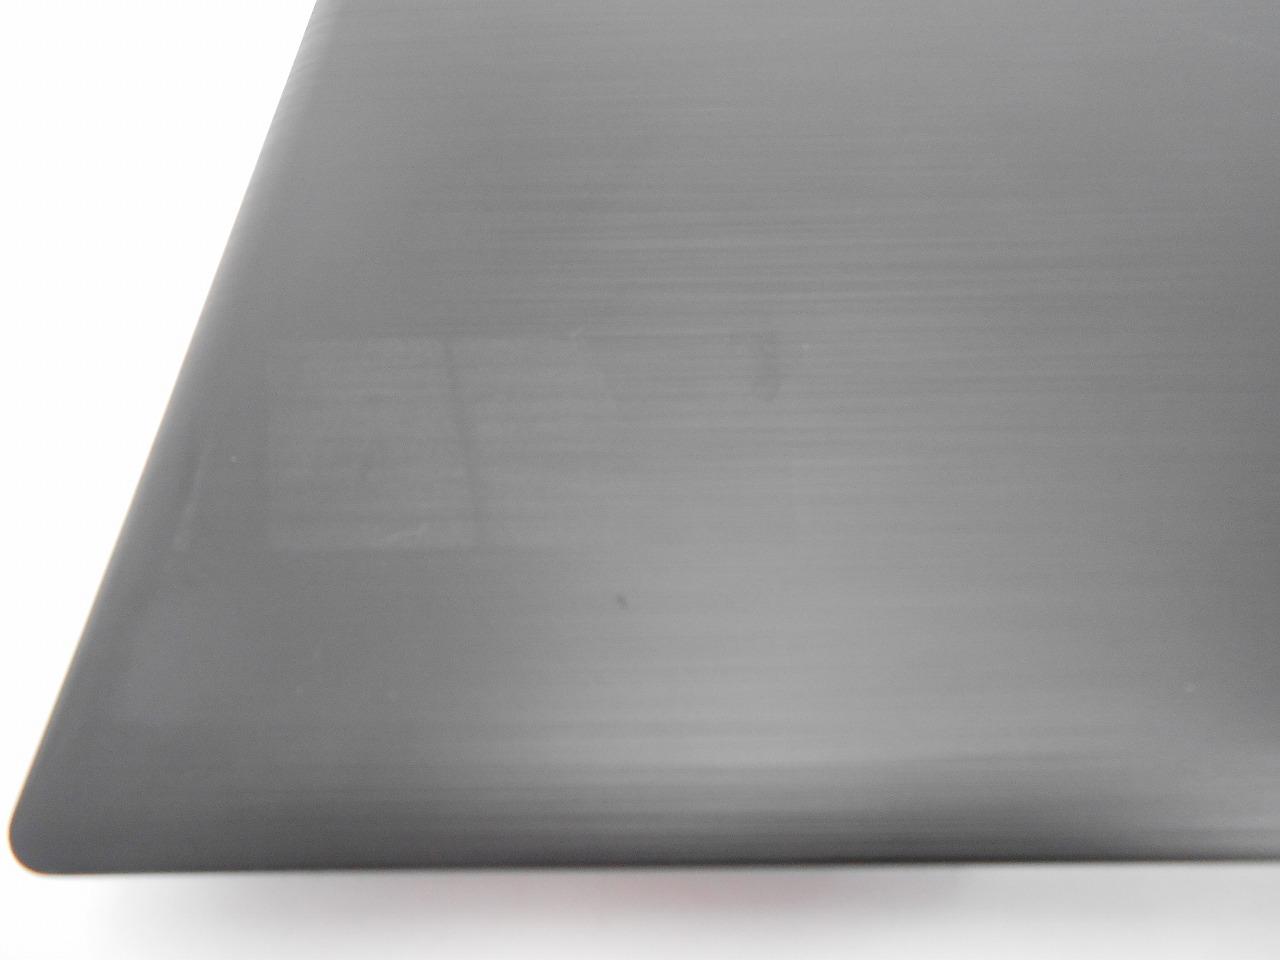 【テレワーク応援】【WPS/外付けWEBカメラ/外付け無線LAN付】【中古】 dynabook Satellite B35/W/2016年モデル/Corei5 5200U 2.2GHz/メモリ4GB/SATA500GB/15インチ/Windows10Home【3ヶ月保証】【足立店発送】